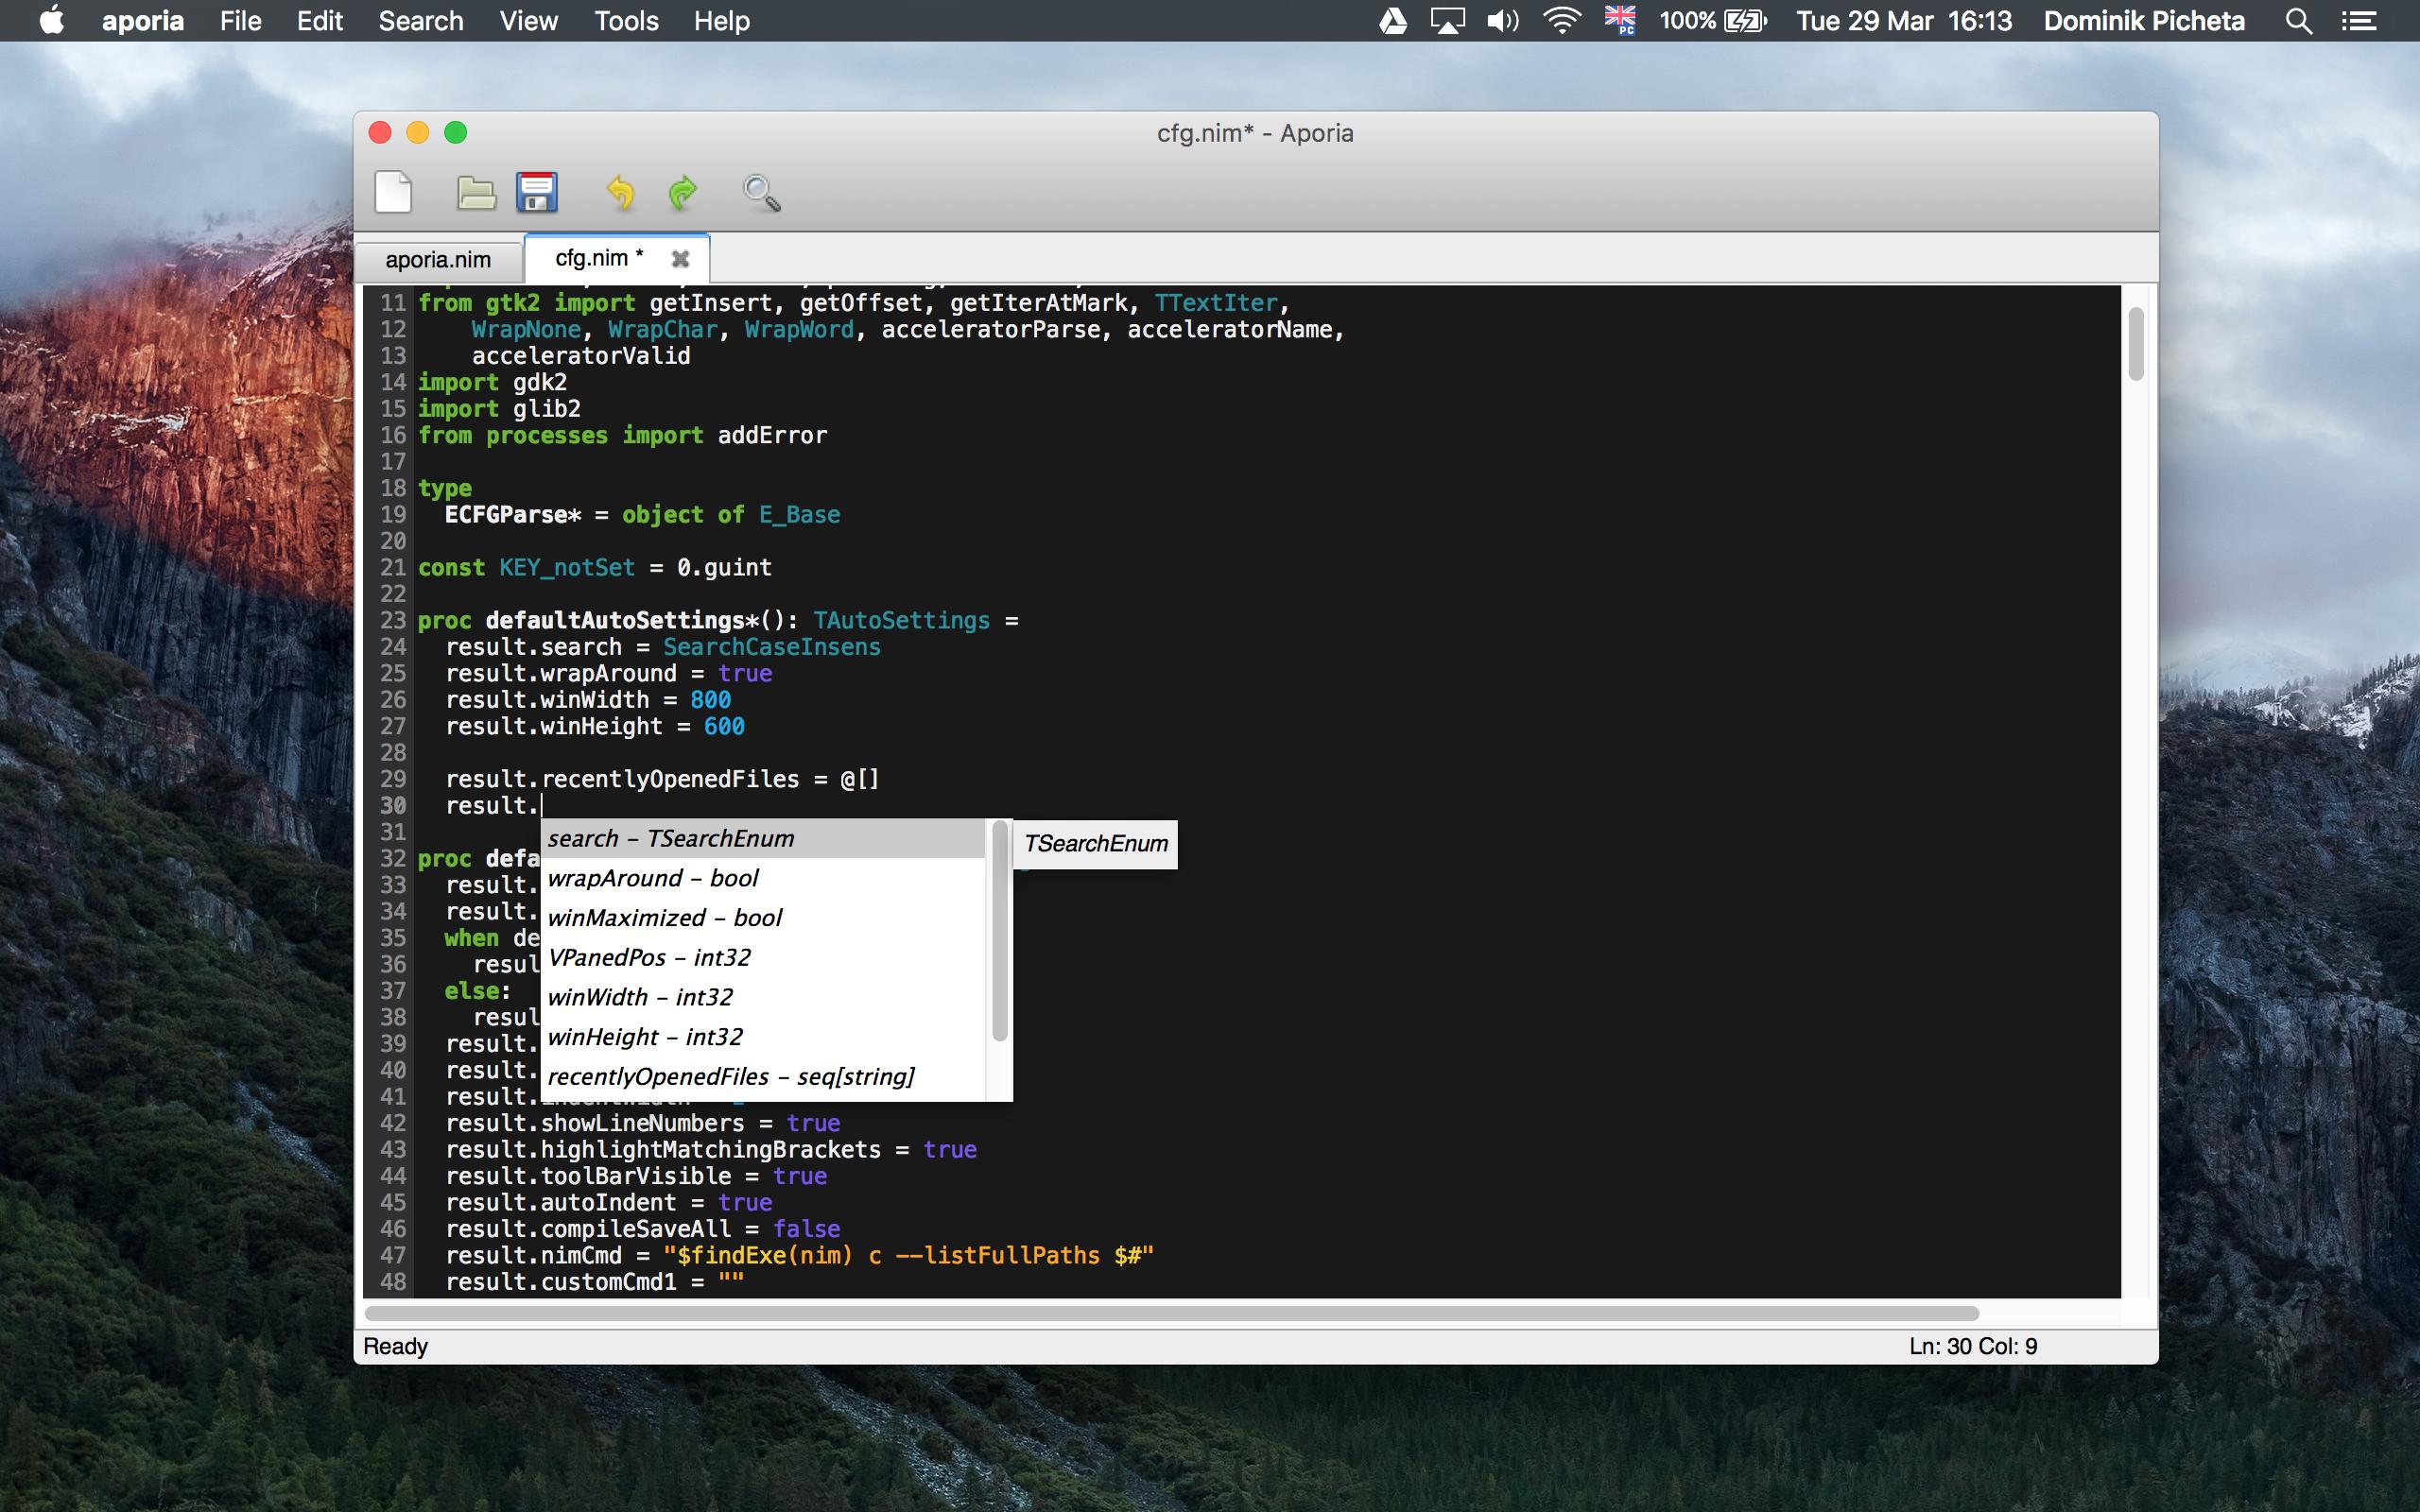 Aporia on Mac OS X